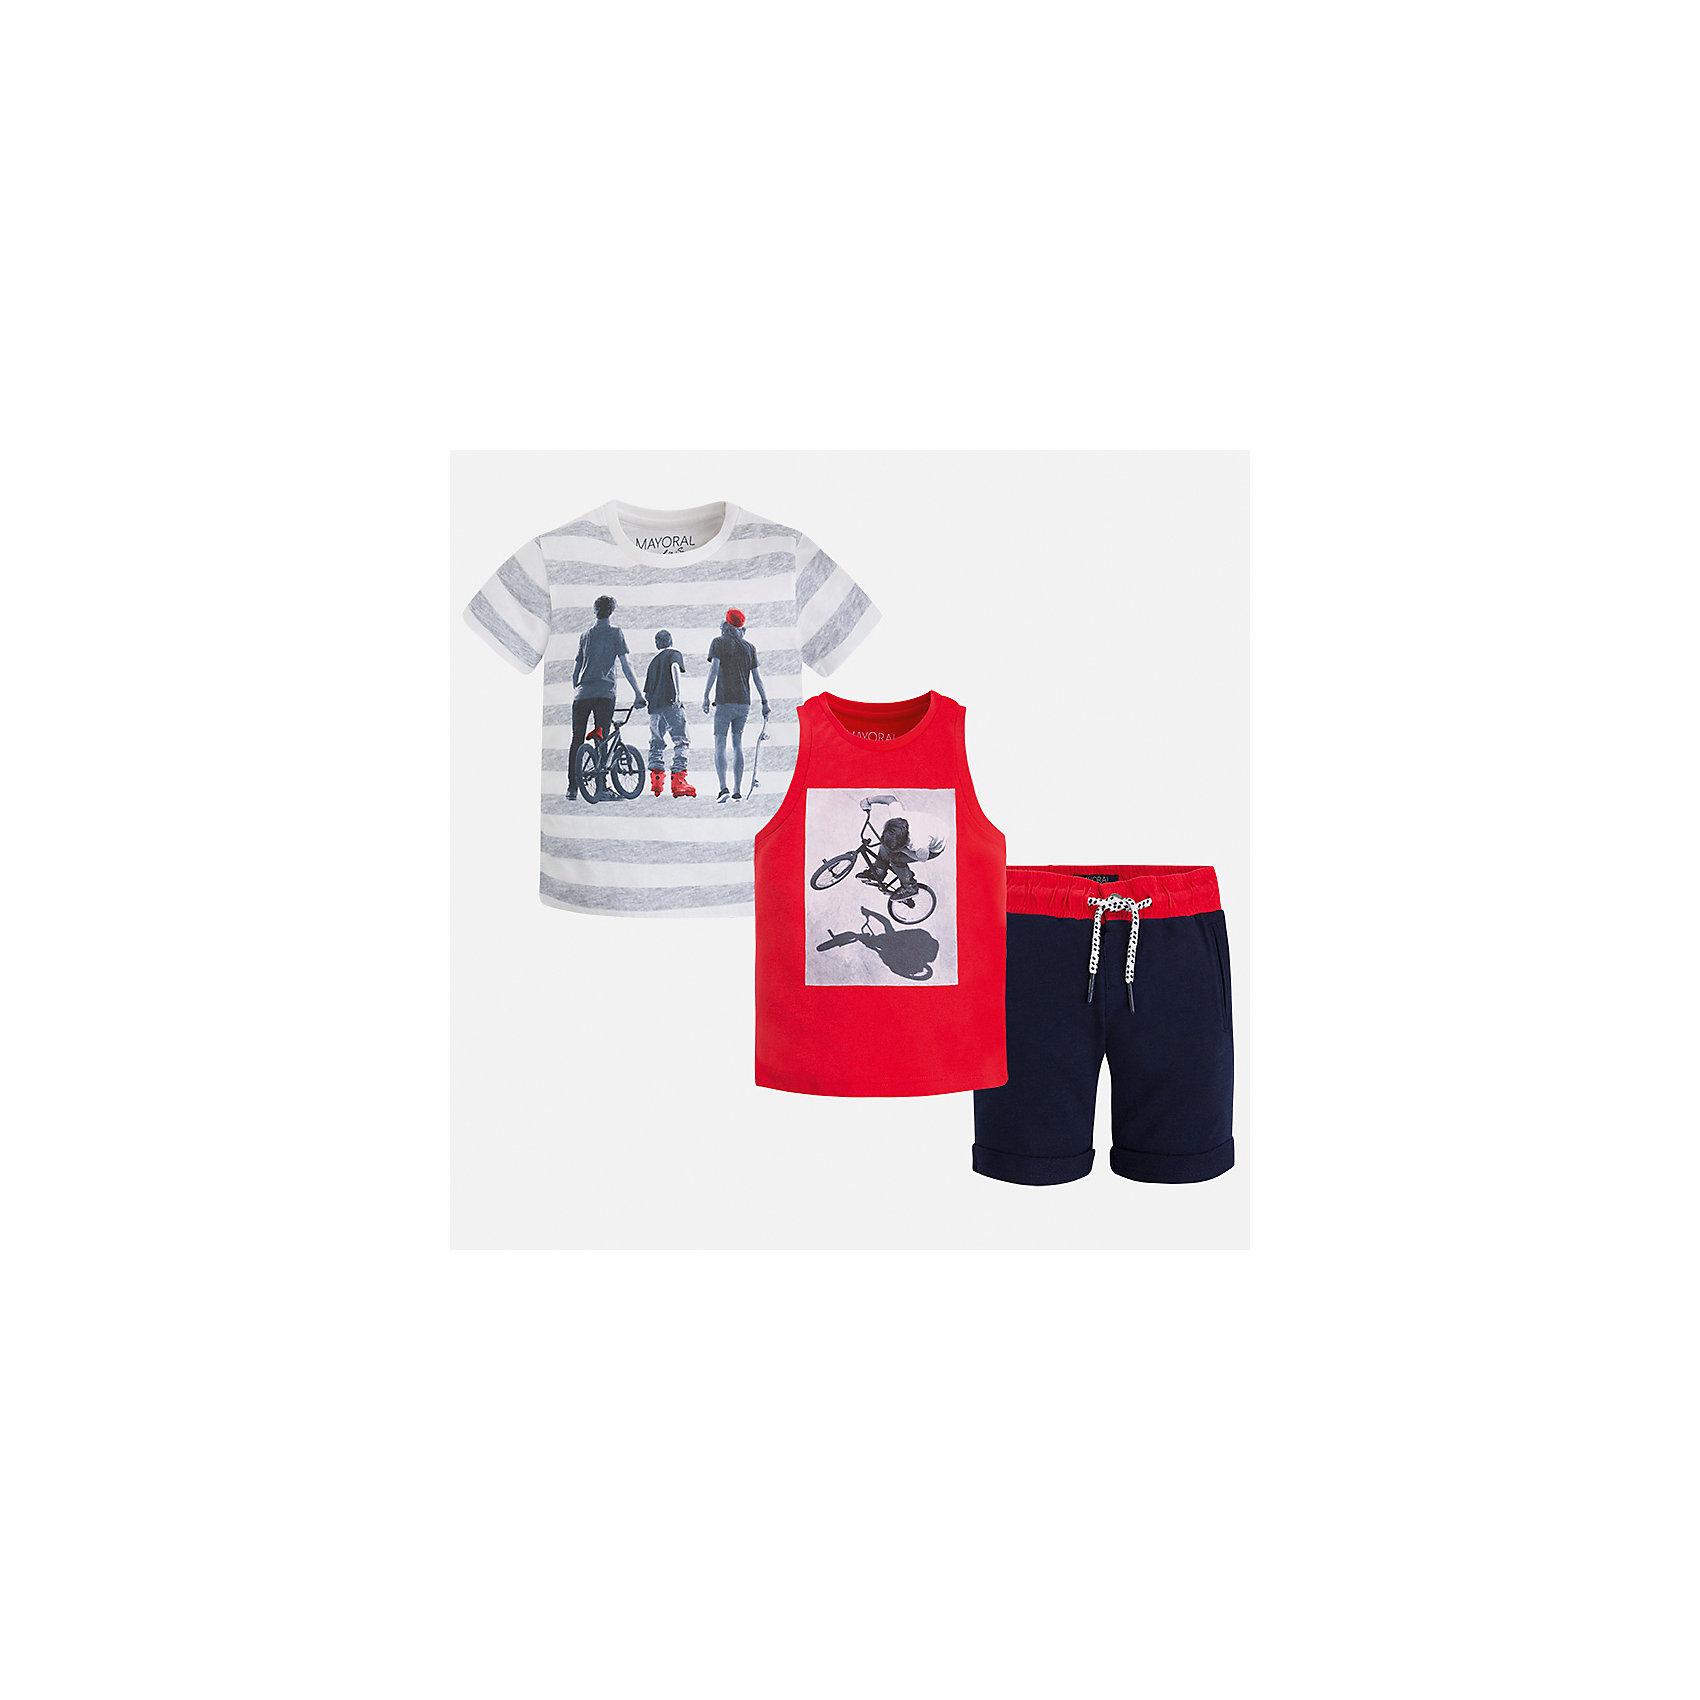 Комплект: футболка, майка и шорты для мальчика MayoralКомплекты<br>Характеристики товара:<br><br>• цвет: красный/синий/серый<br>• состав: 100% хлопок<br>• комплектация: шорты, футболка, майка<br>• круглый горловой вырез<br>• футболка декорированы принтом<br>• короткие рукава<br>• шорты - пояс со шнурком<br>• страна бренда: Испания<br><br>Стильная удобная футболка с принтом и шорты с майкой помогут разнообразить гардероб мальчика и удобно одеться. Универсальный цвет позволяет подобрать к вещам верхнюю одежду практически любой расцветки. Интересная отделка модели делает её нарядной и оригинальной. В составе материала - только натуральный хлопок, гипоаллергенный, приятный на ощупь, дышащий.<br><br>Одежда, обувь и аксессуары от испанского бренда Mayoral полюбились детям и взрослым по всему миру. Модели этой марки - стильные и удобные. Для их производства используются только безопасные, качественные материалы и фурнитура. Порадуйте ребенка модными и красивыми вещами от Mayoral! <br><br>Комплект для мальчика от испанского бренда Mayoral (Майорал) можно купить в нашем интернет-магазине.<br><br>Ширина мм: 157<br>Глубина мм: 13<br>Высота мм: 119<br>Вес г: 200<br>Цвет: розовый<br>Возраст от месяцев: 24<br>Возраст до месяцев: 36<br>Пол: Мужской<br>Возраст: Детский<br>Размер: 98,128,122,116,104,92,134,110<br>SKU: 5280964